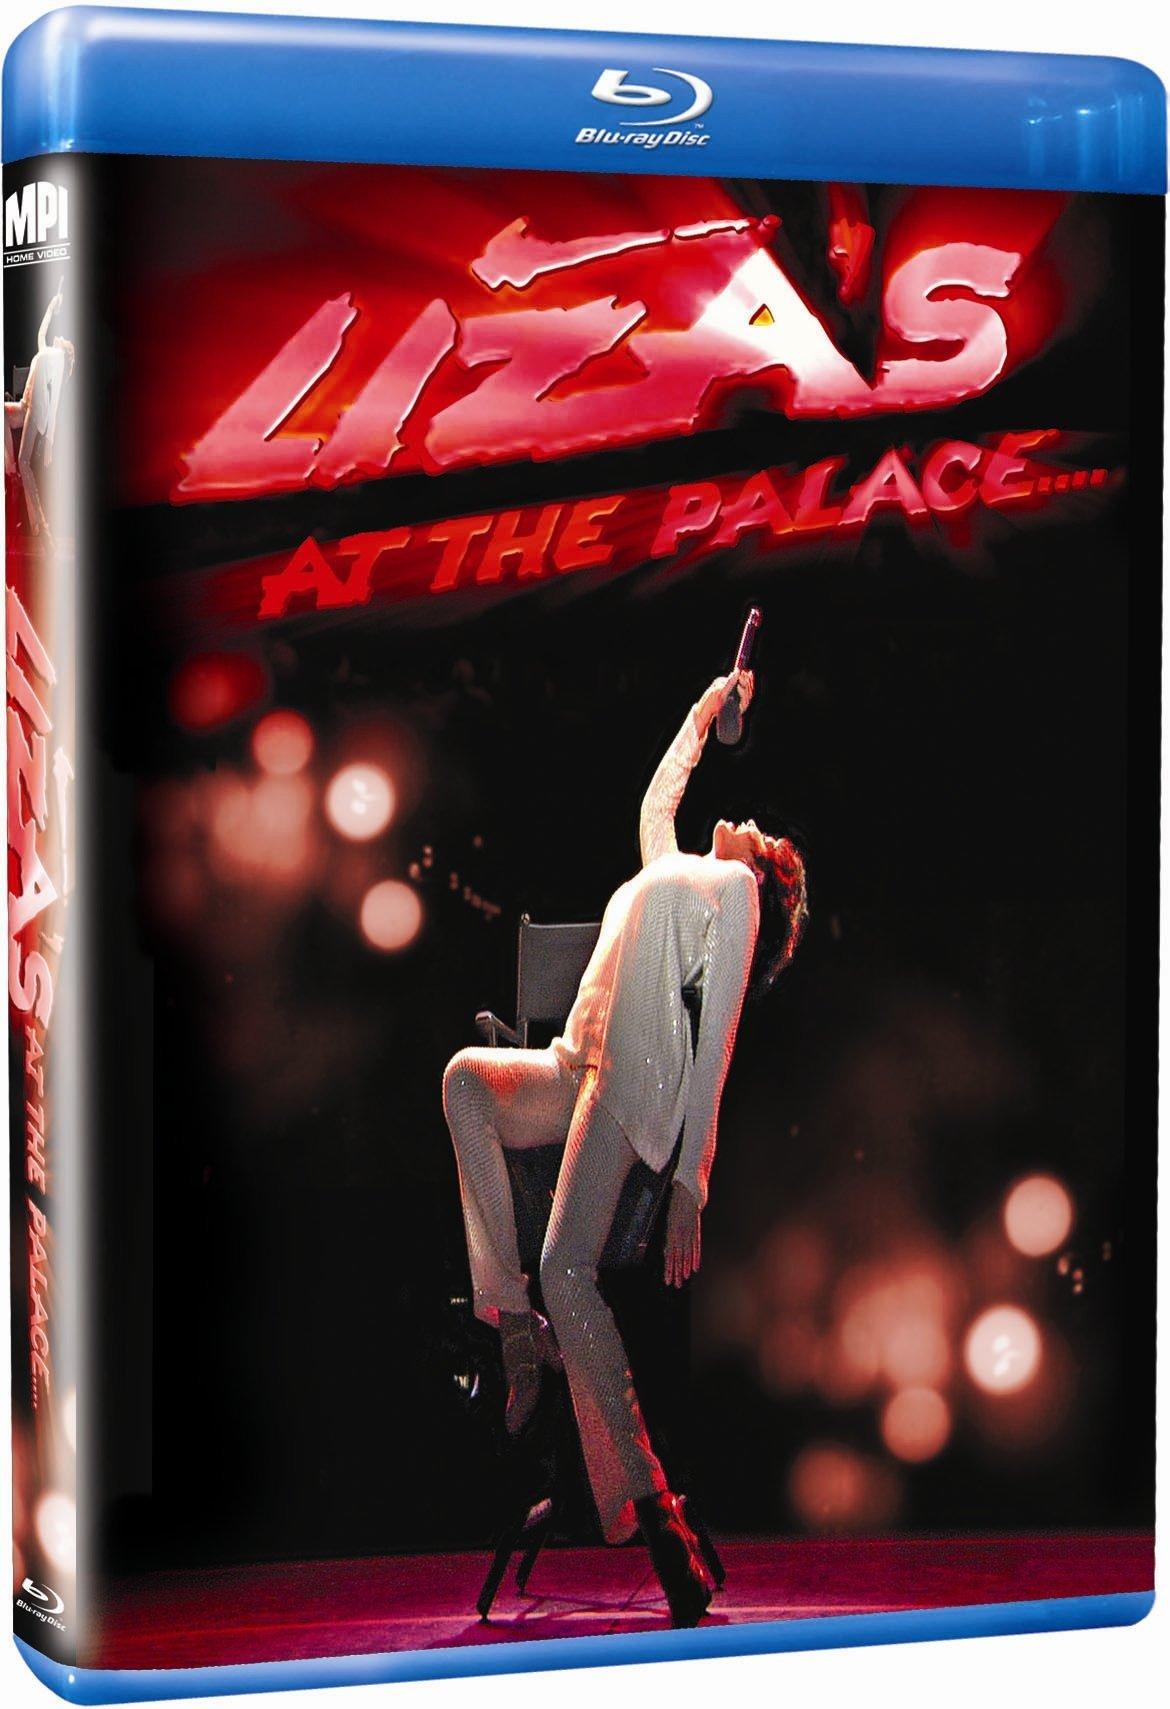 Liza Minnelli - At the Palace (Blu-ray)